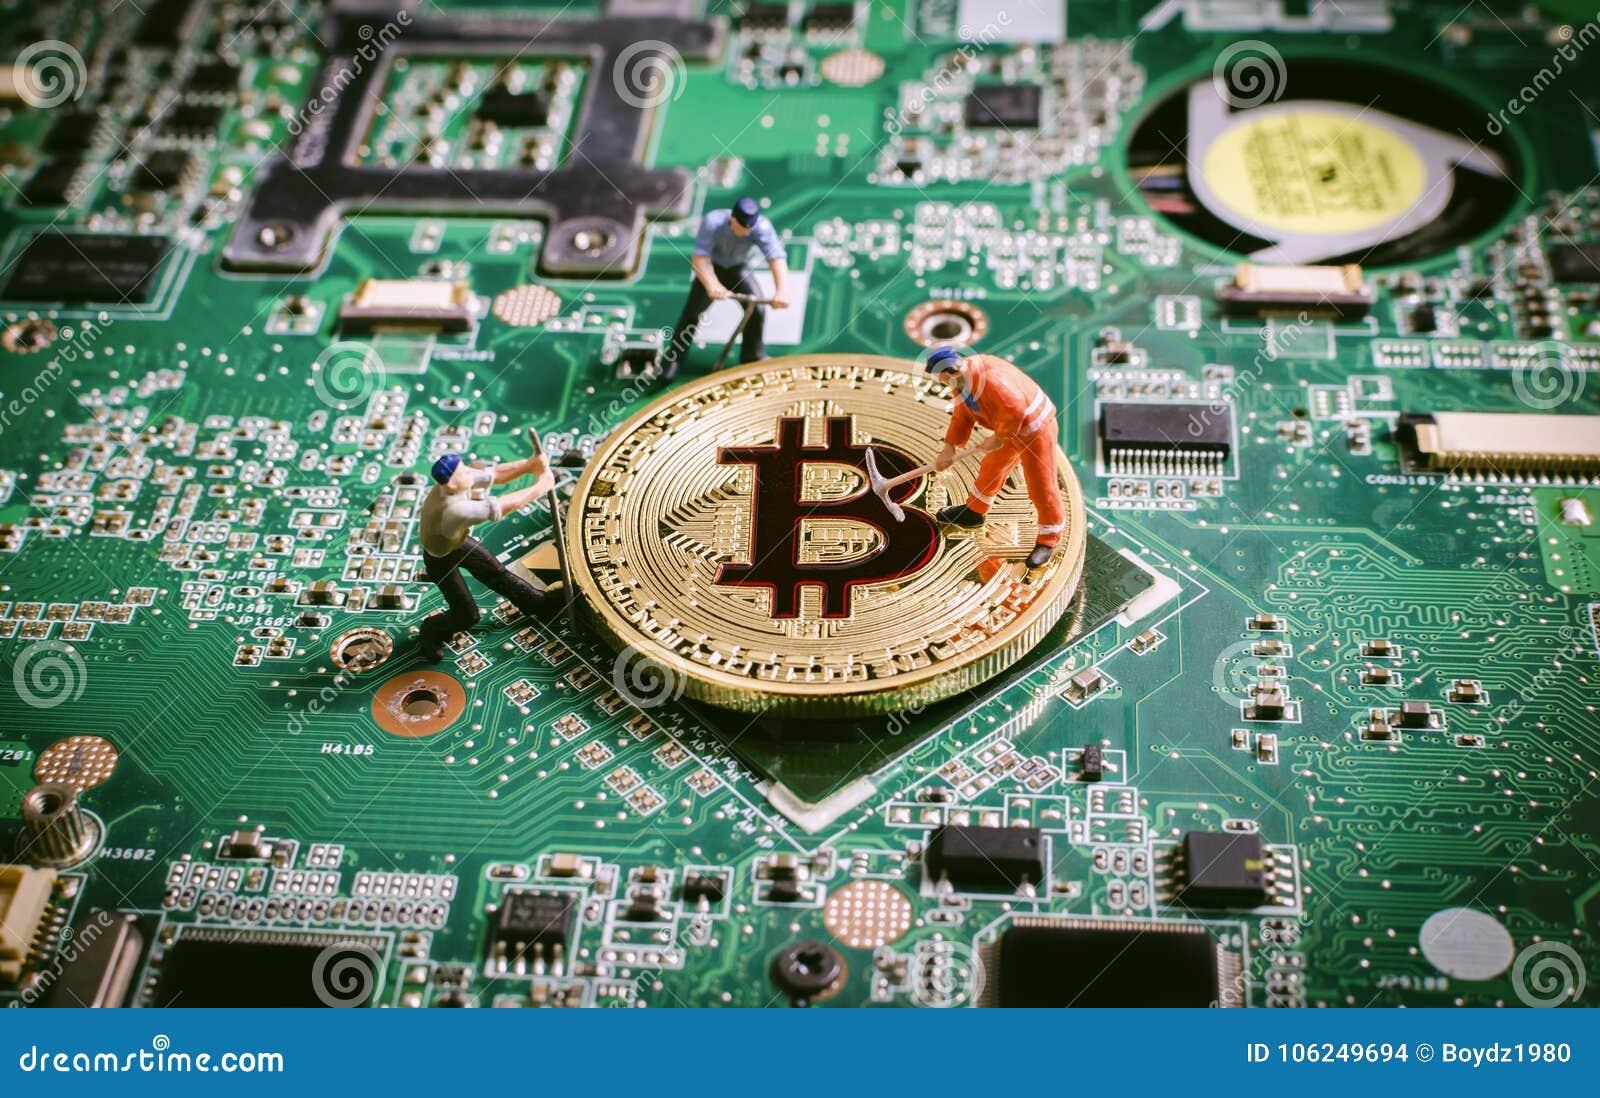 Begrepp för crytocurrencies för Bitcoin digitalt valutablockchain